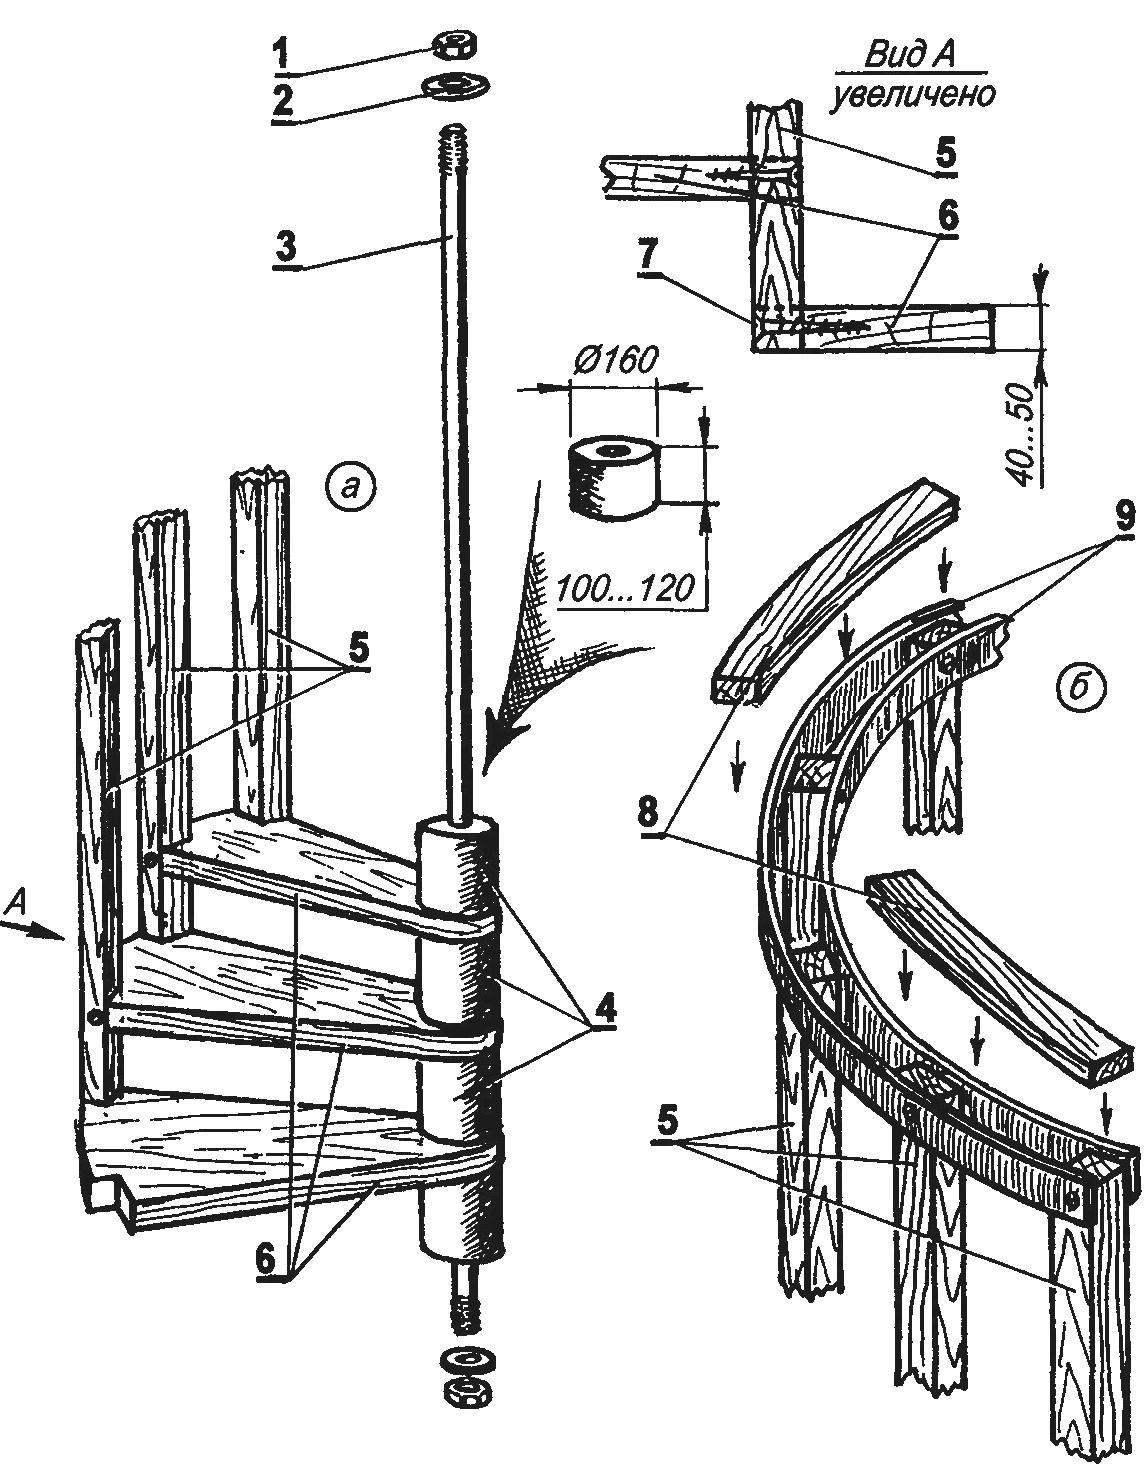 Изготовление своими руками винтовой лестницы - moy-instrument.ru - обзор инструмента и техники